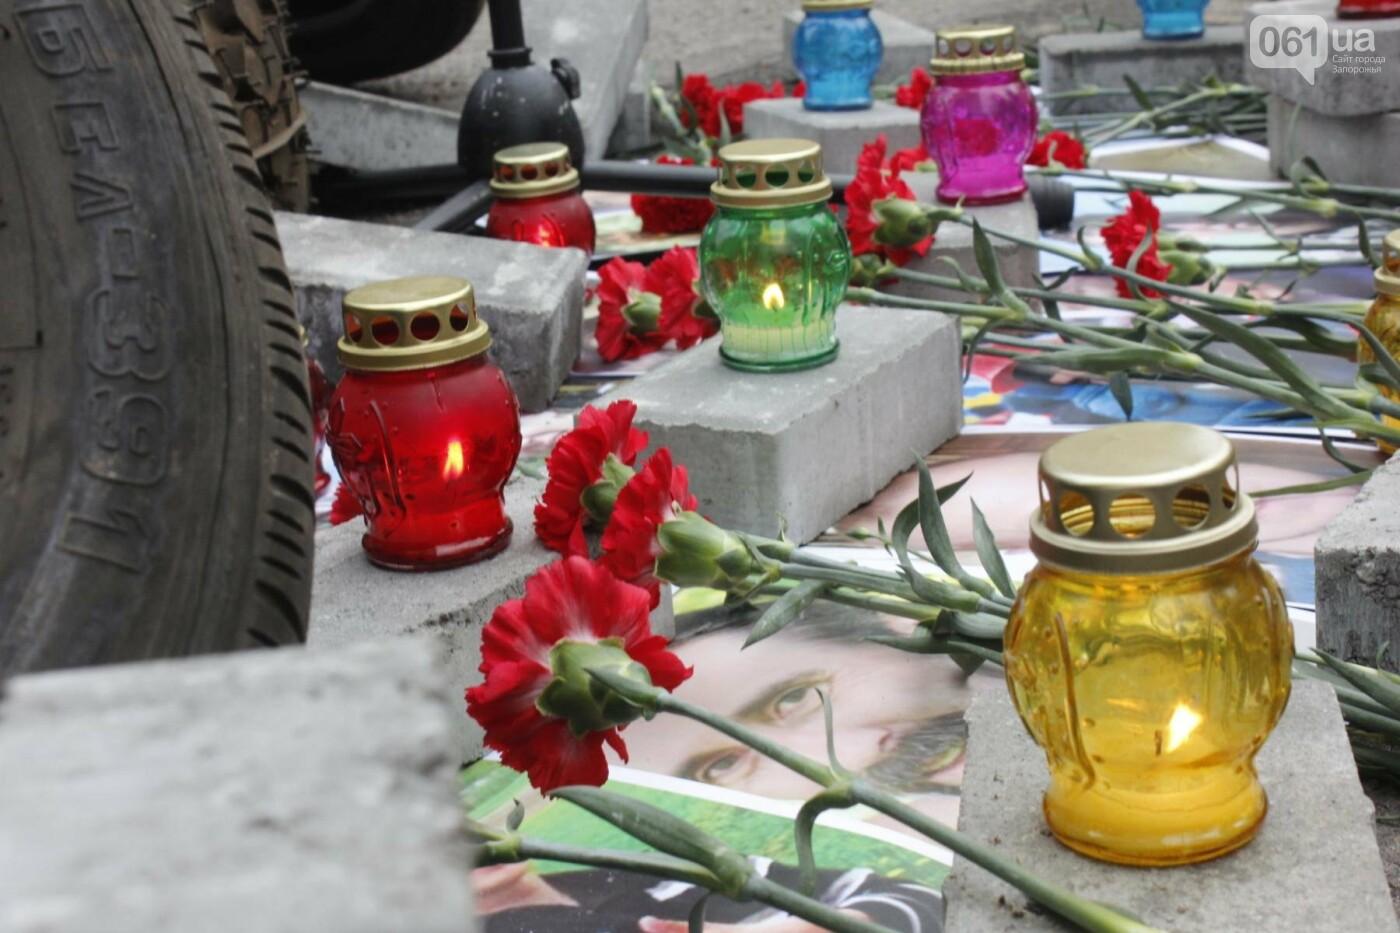 В Запорожье актеры на улице читали стихи о Майдане, - ФОТОРЕПОРТАЖ, фото-7